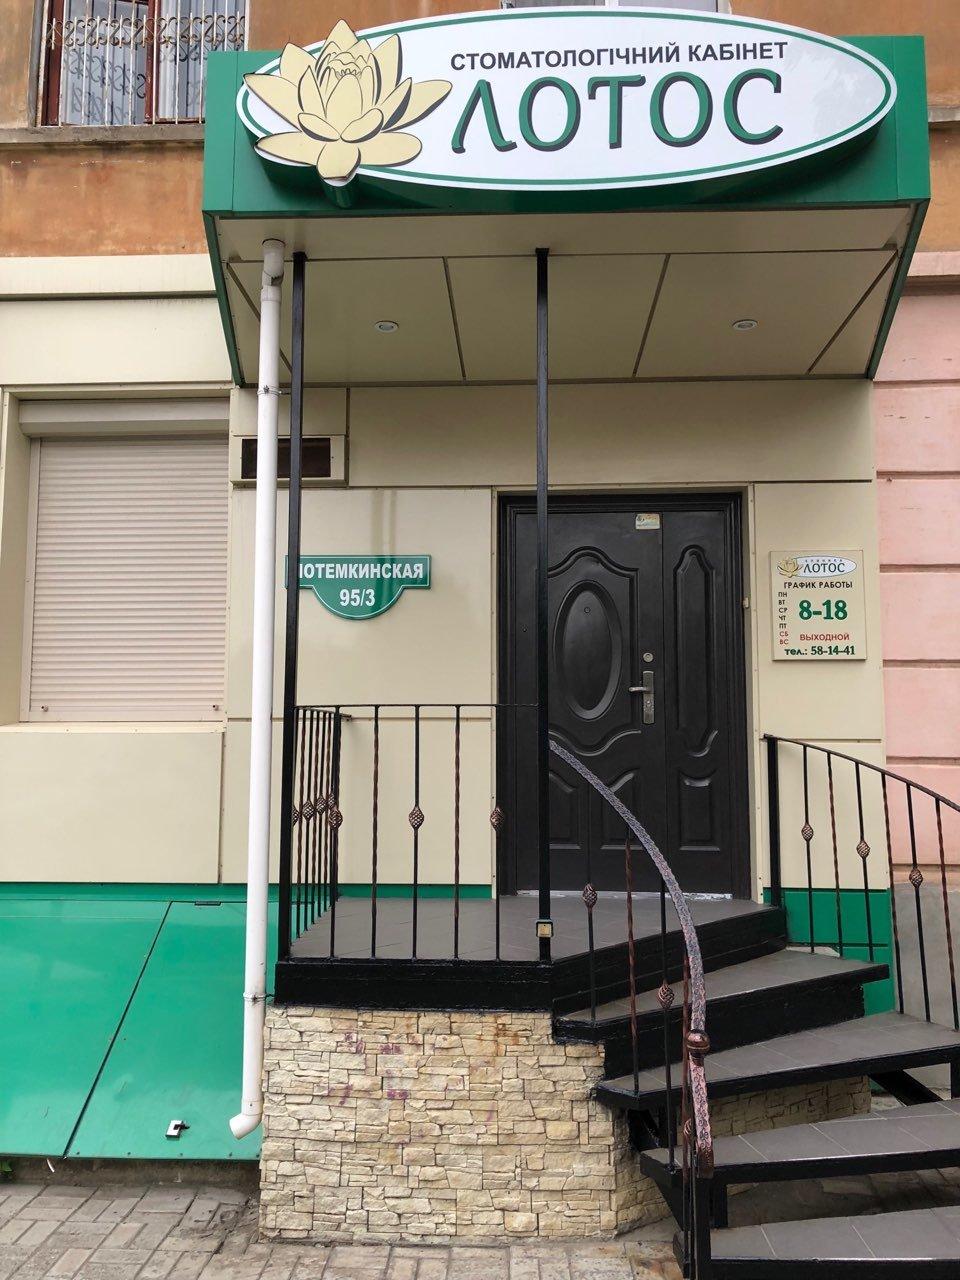 Безболезненное лечение зубов в Николаеве: ТОП стоматологий города, фото-2